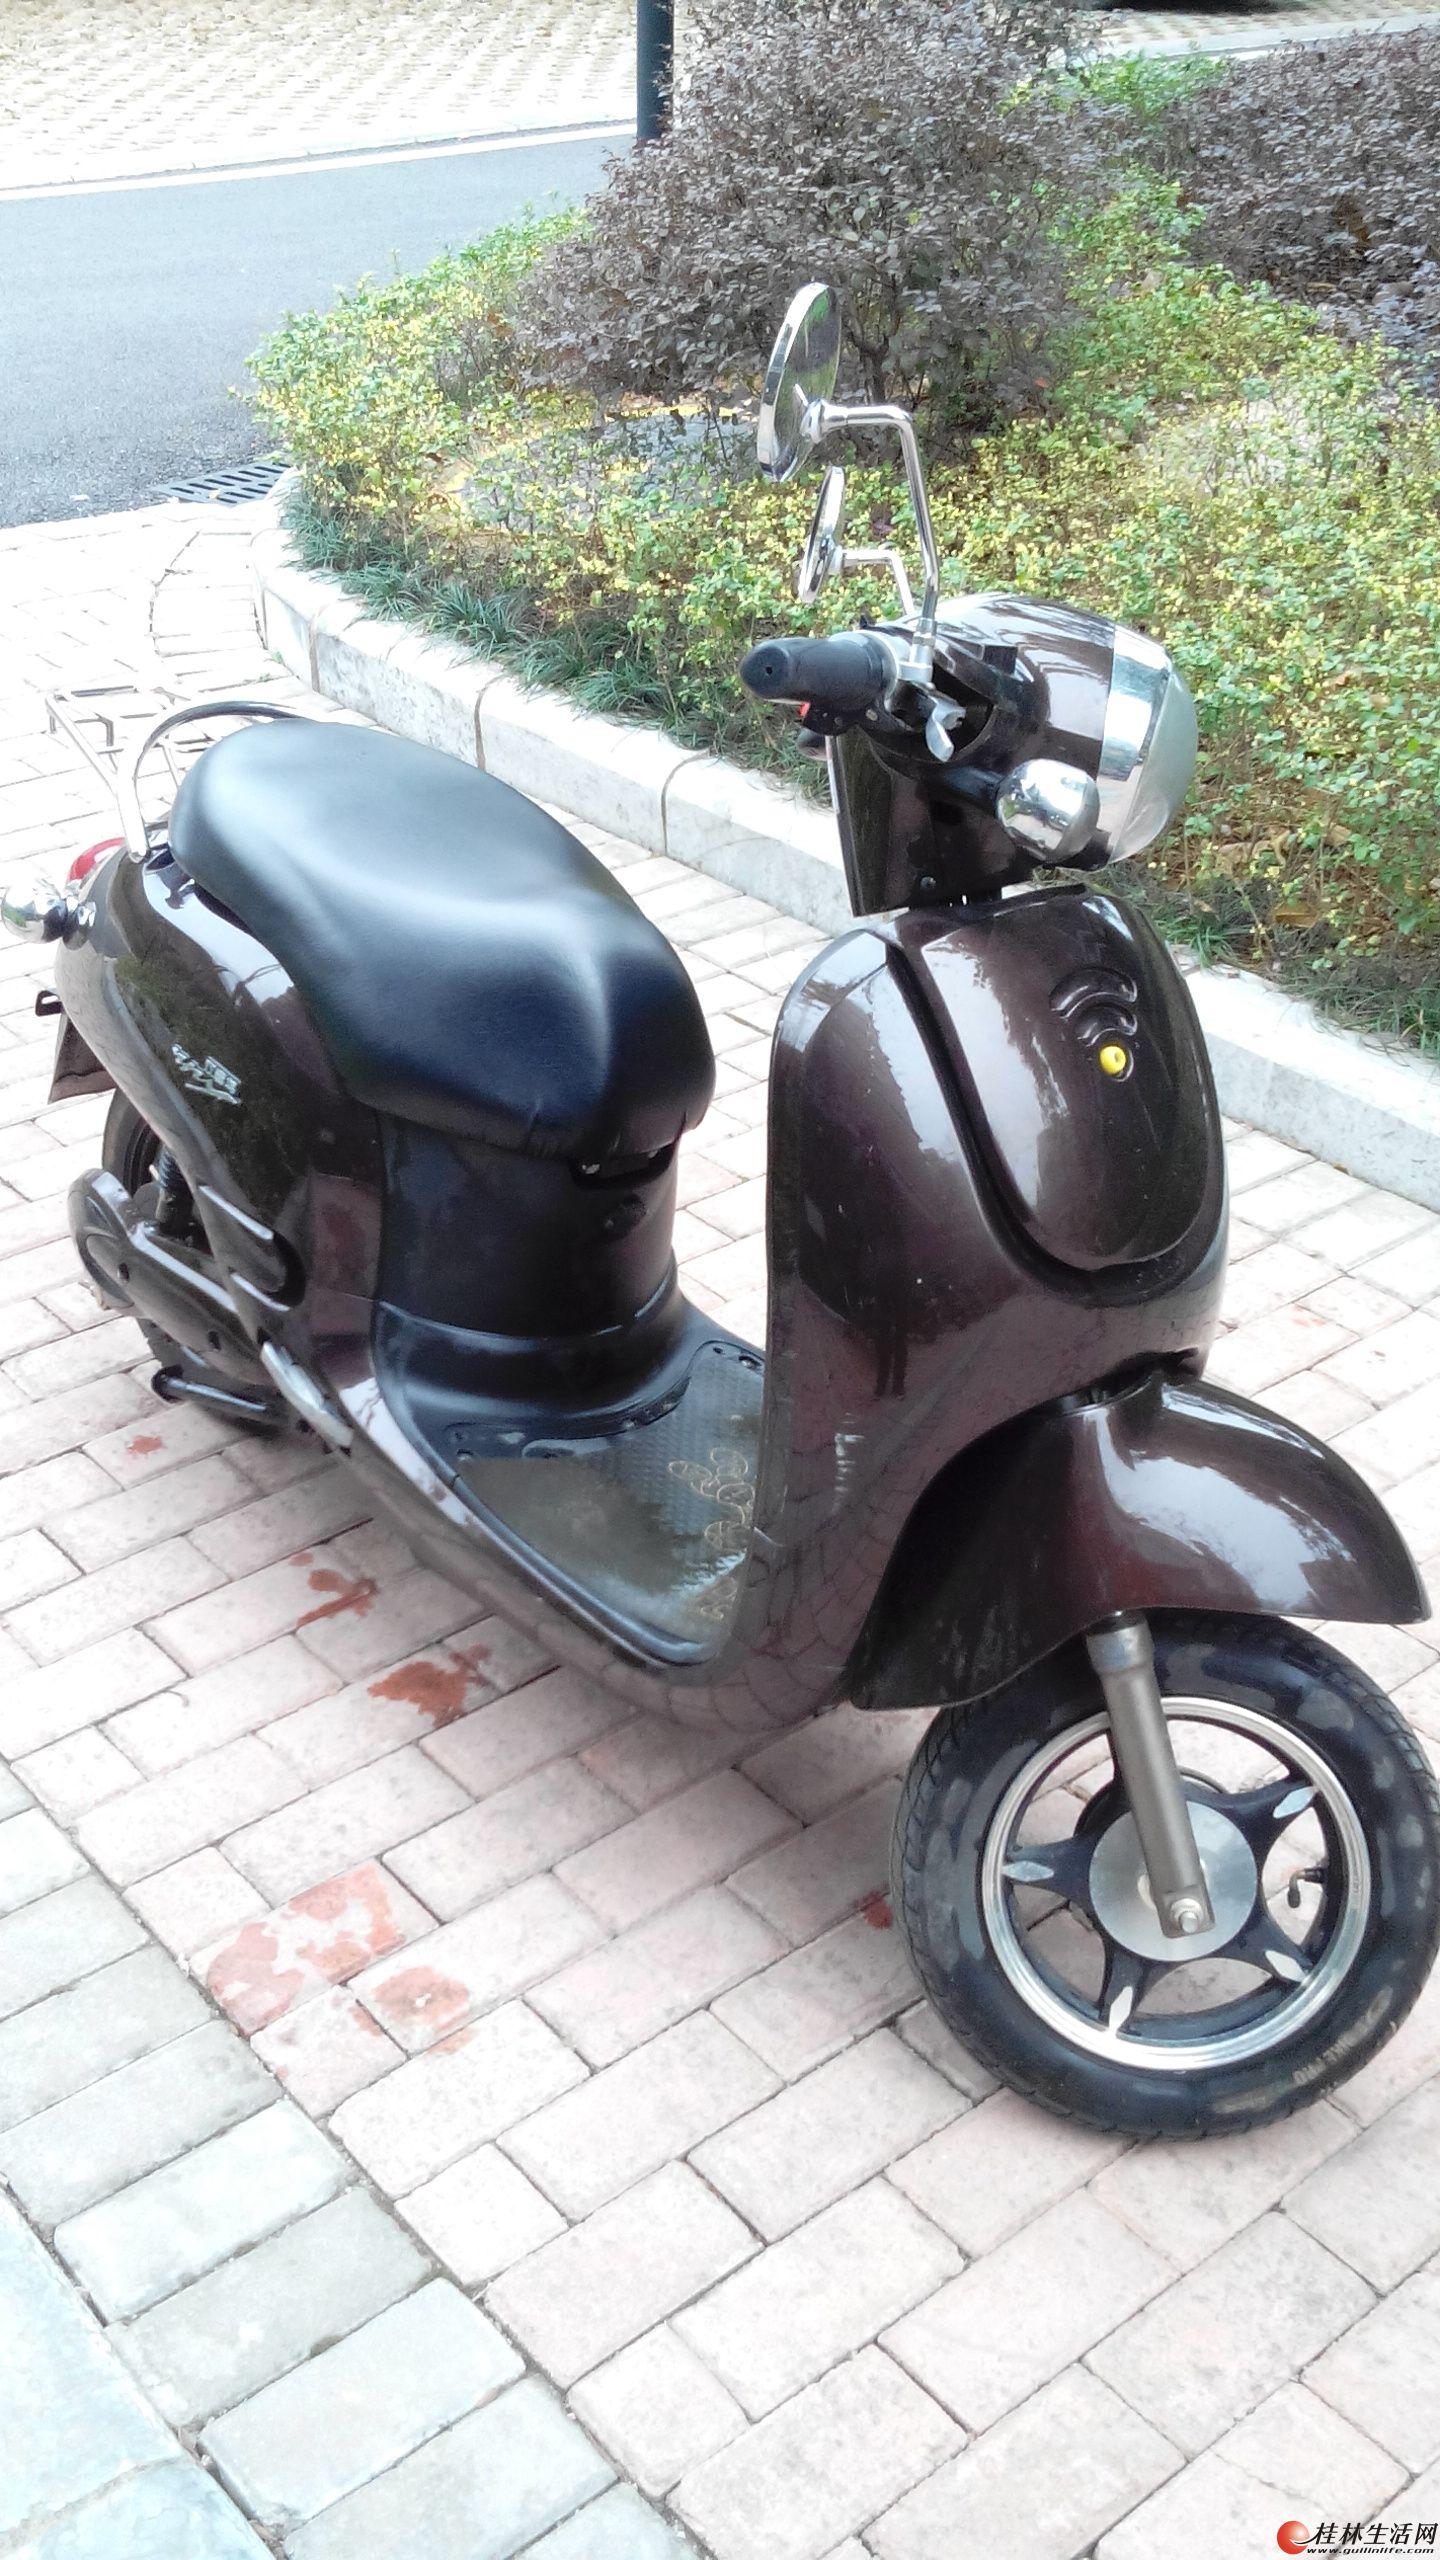 摩托 摩托车 1440_2560